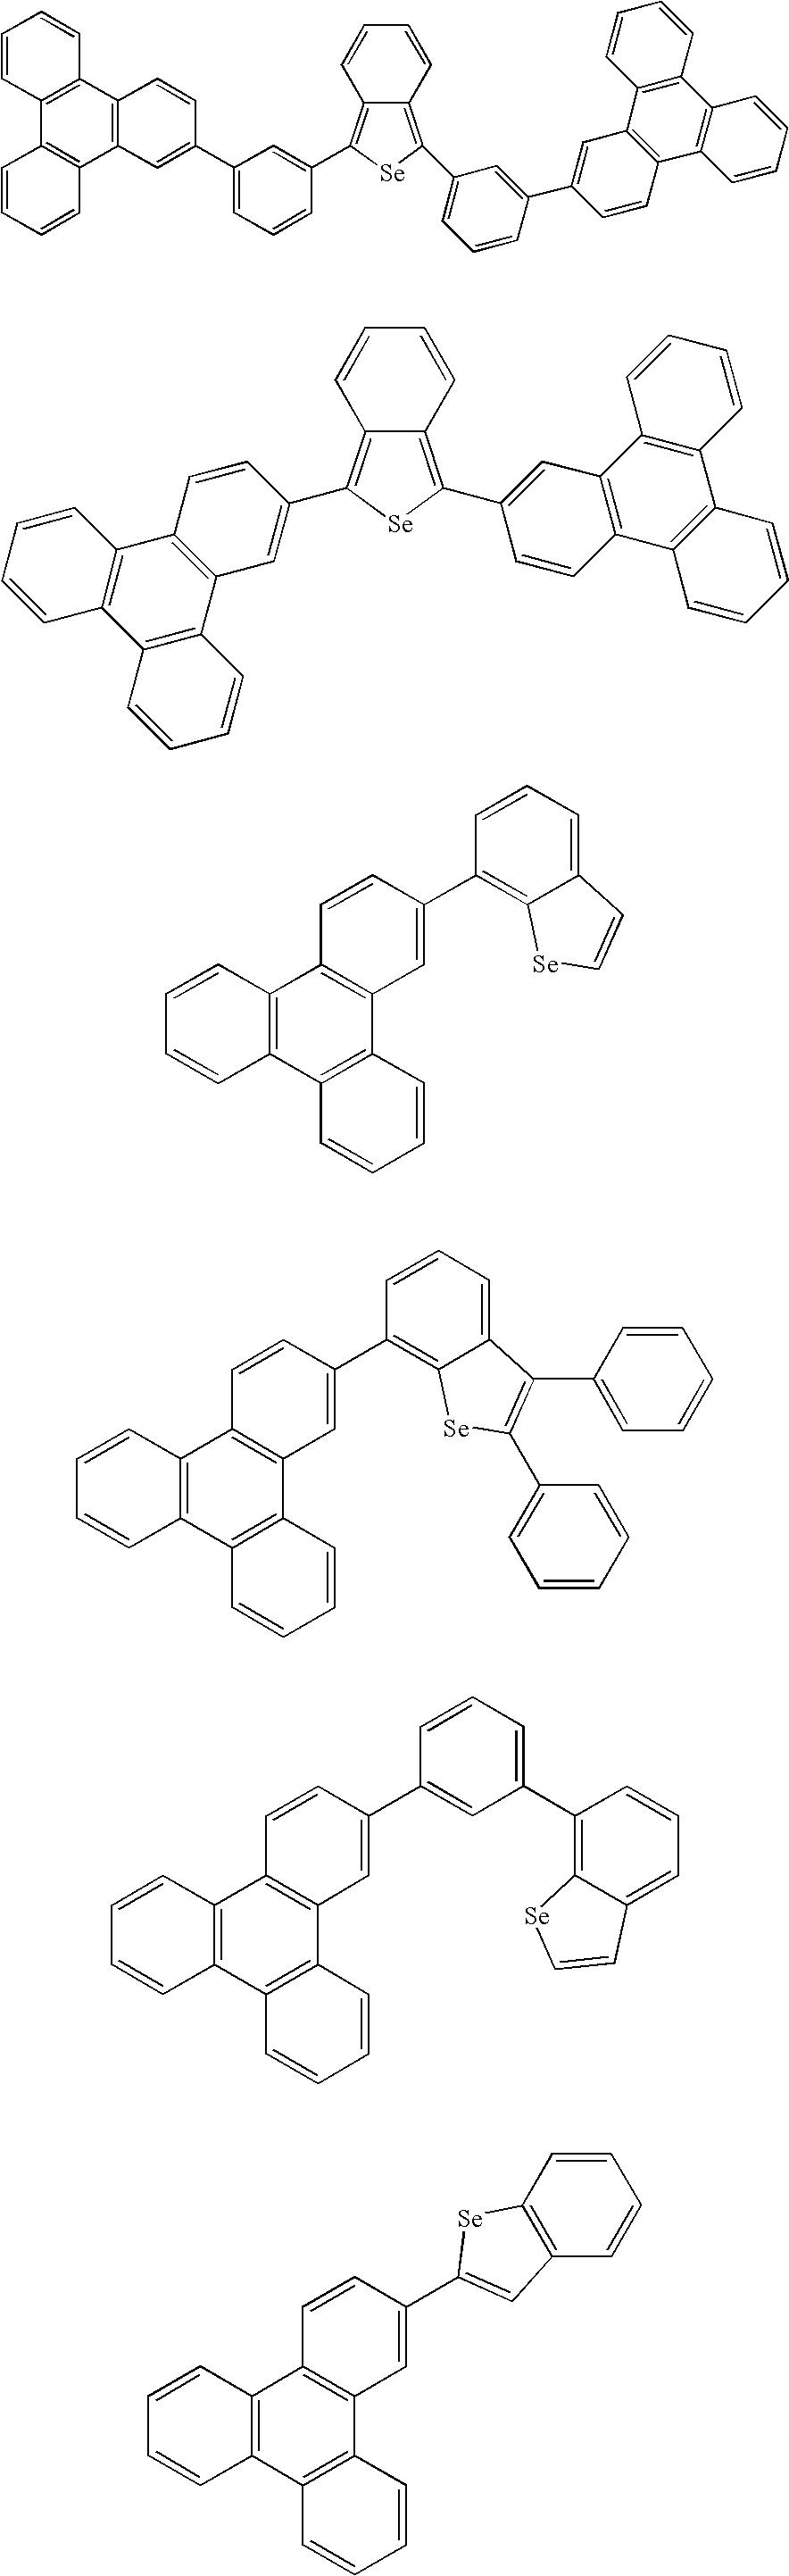 Figure US20100072887A1-20100325-C00028